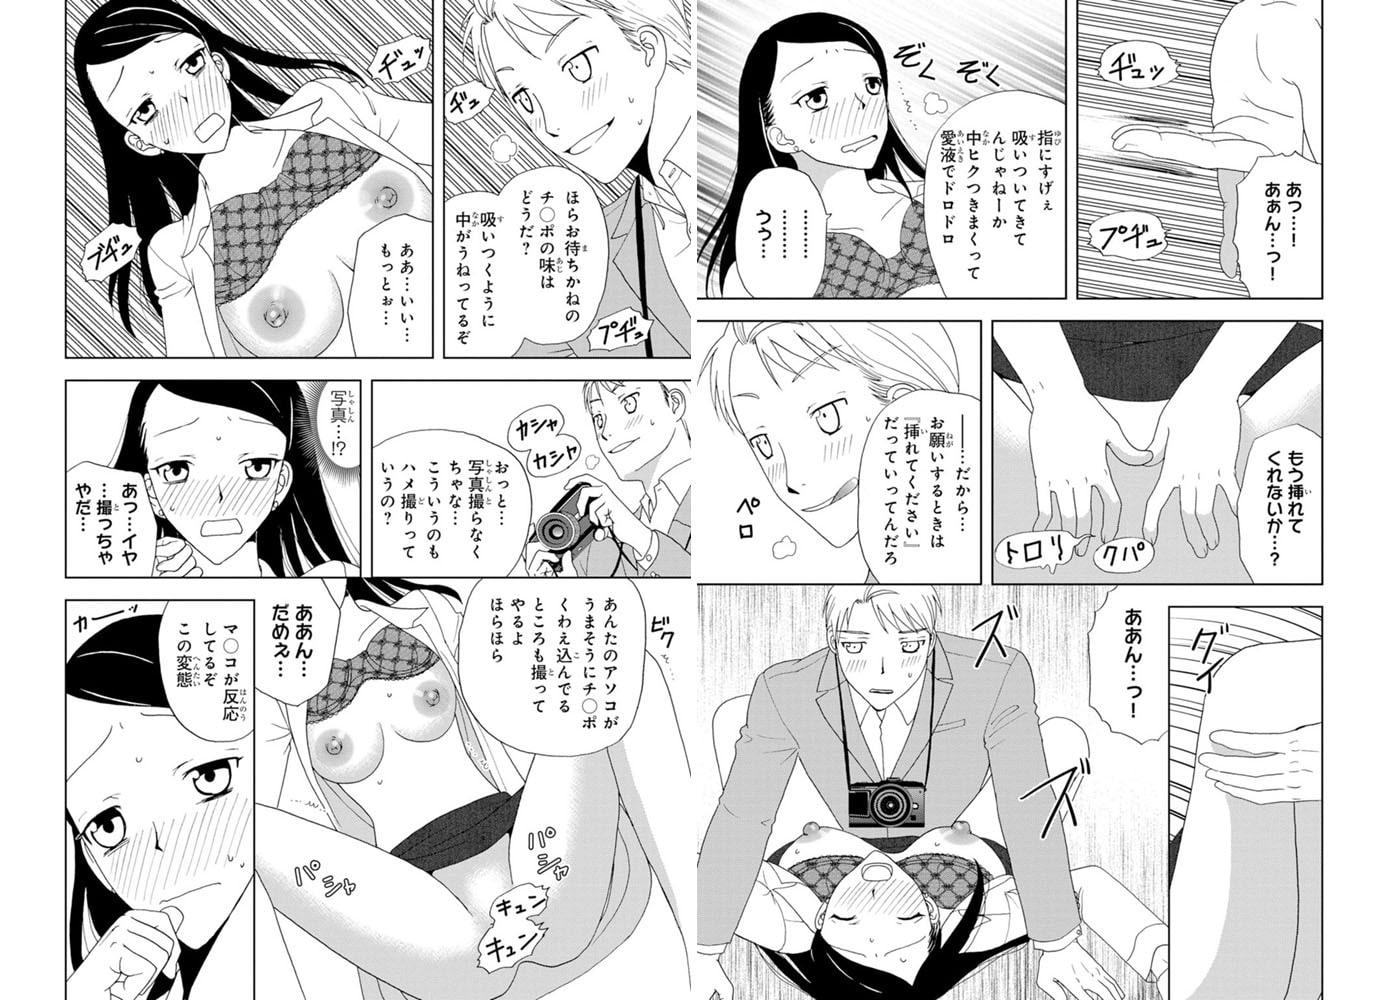 びしょ濡れ色情霊~絶倫上司とヤリまくり 1巻